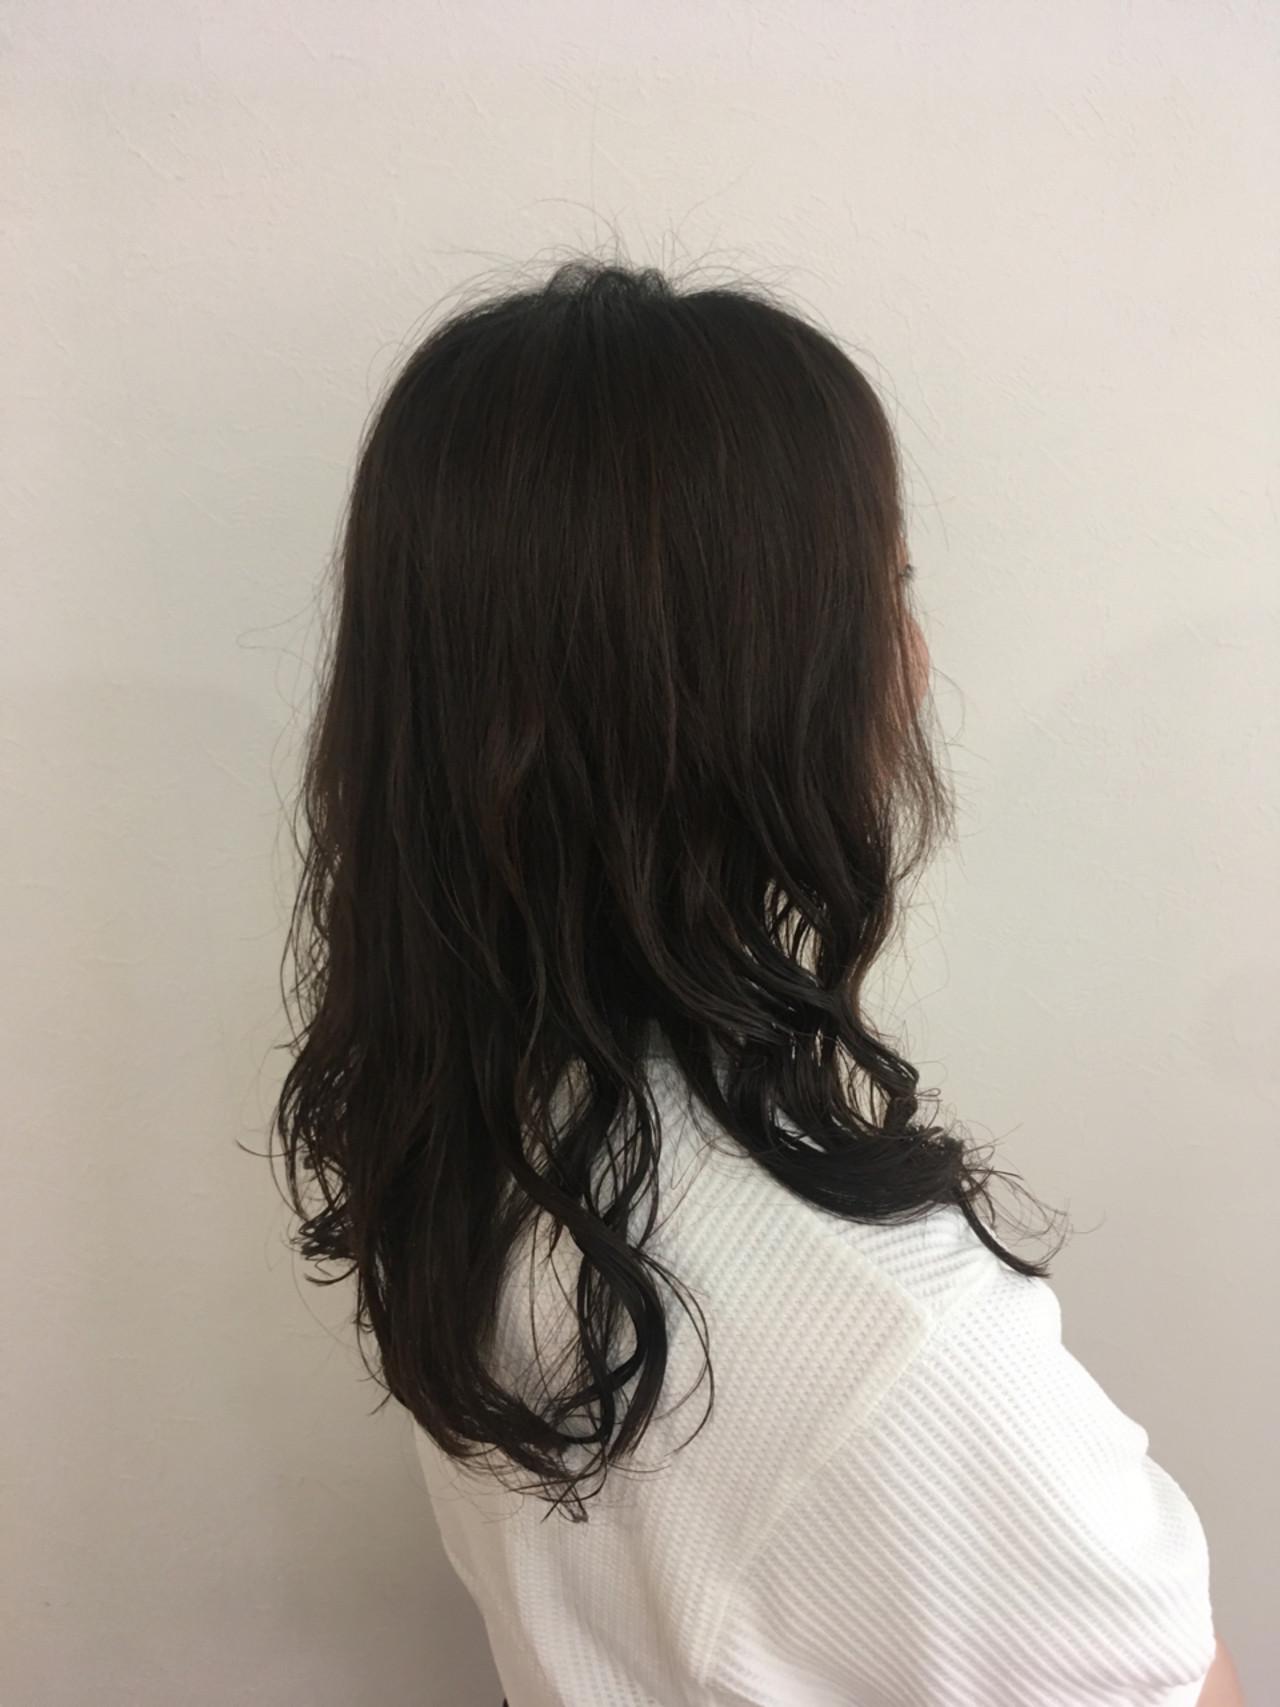 ナチュラル パーマ セミロング 簡単 ヘアスタイルや髪型の写真・画像